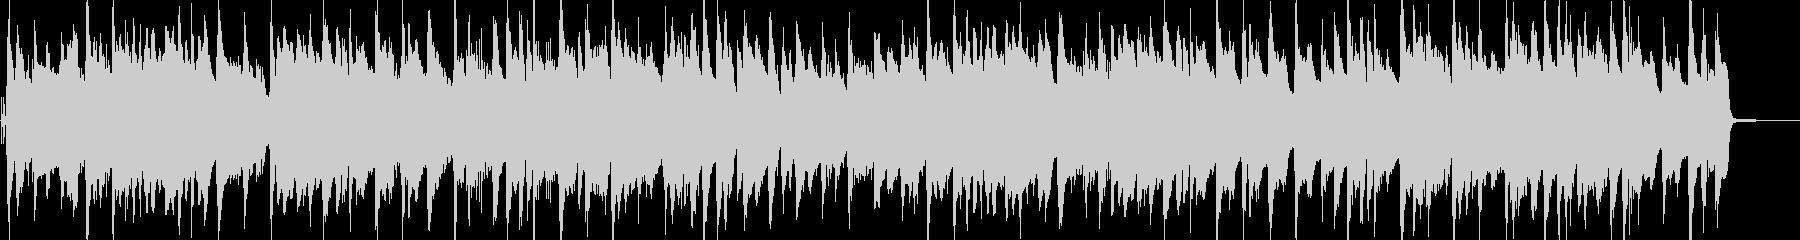 ピアノの可愛いラグタイムの未再生の波形